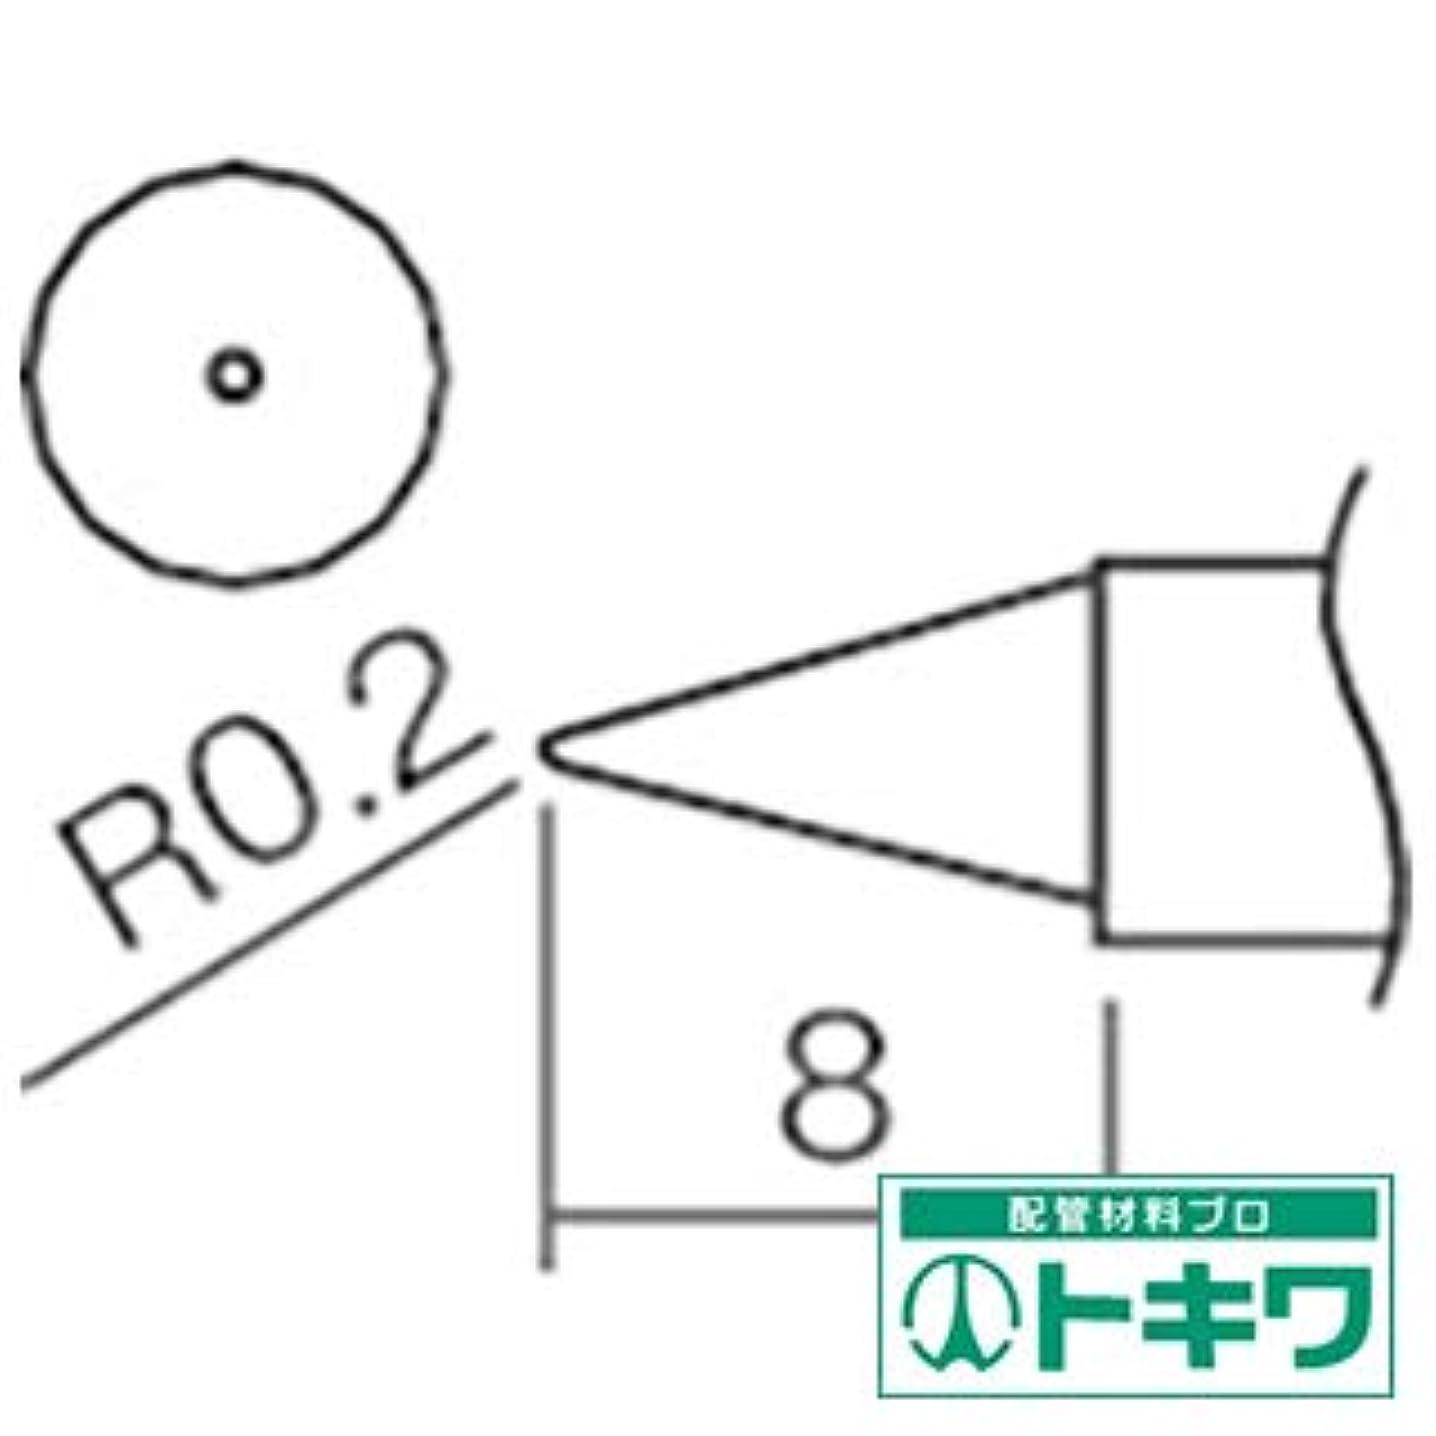 塗抹咽頭補体白光 こて先 B型(Z) T12-BZ